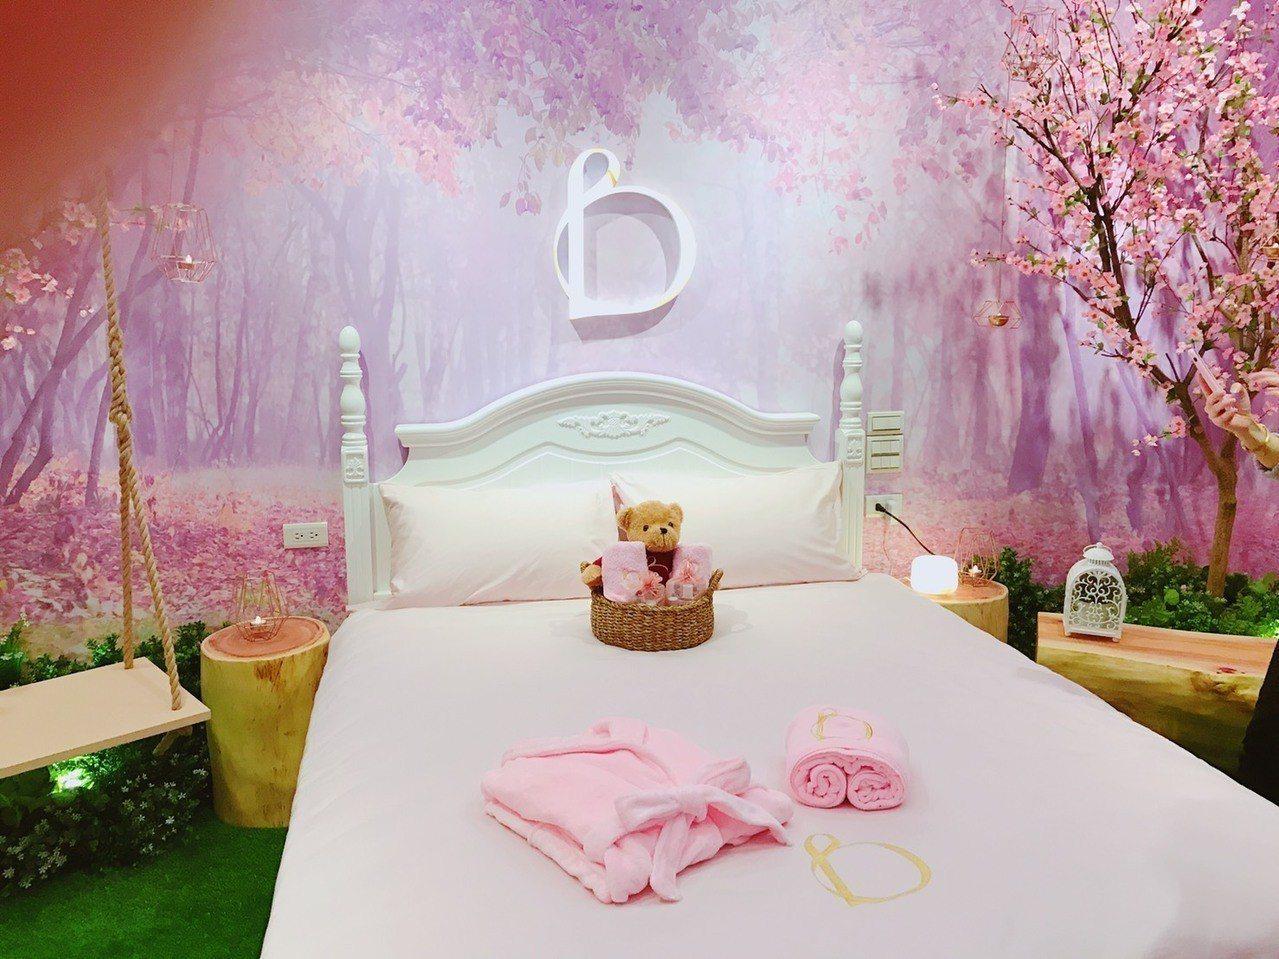 資生堂碧麗妃推出創意行銷,邀閨蜜檔入住紫色夢幻系「暖心房」。 記者葉卉軒/攝影